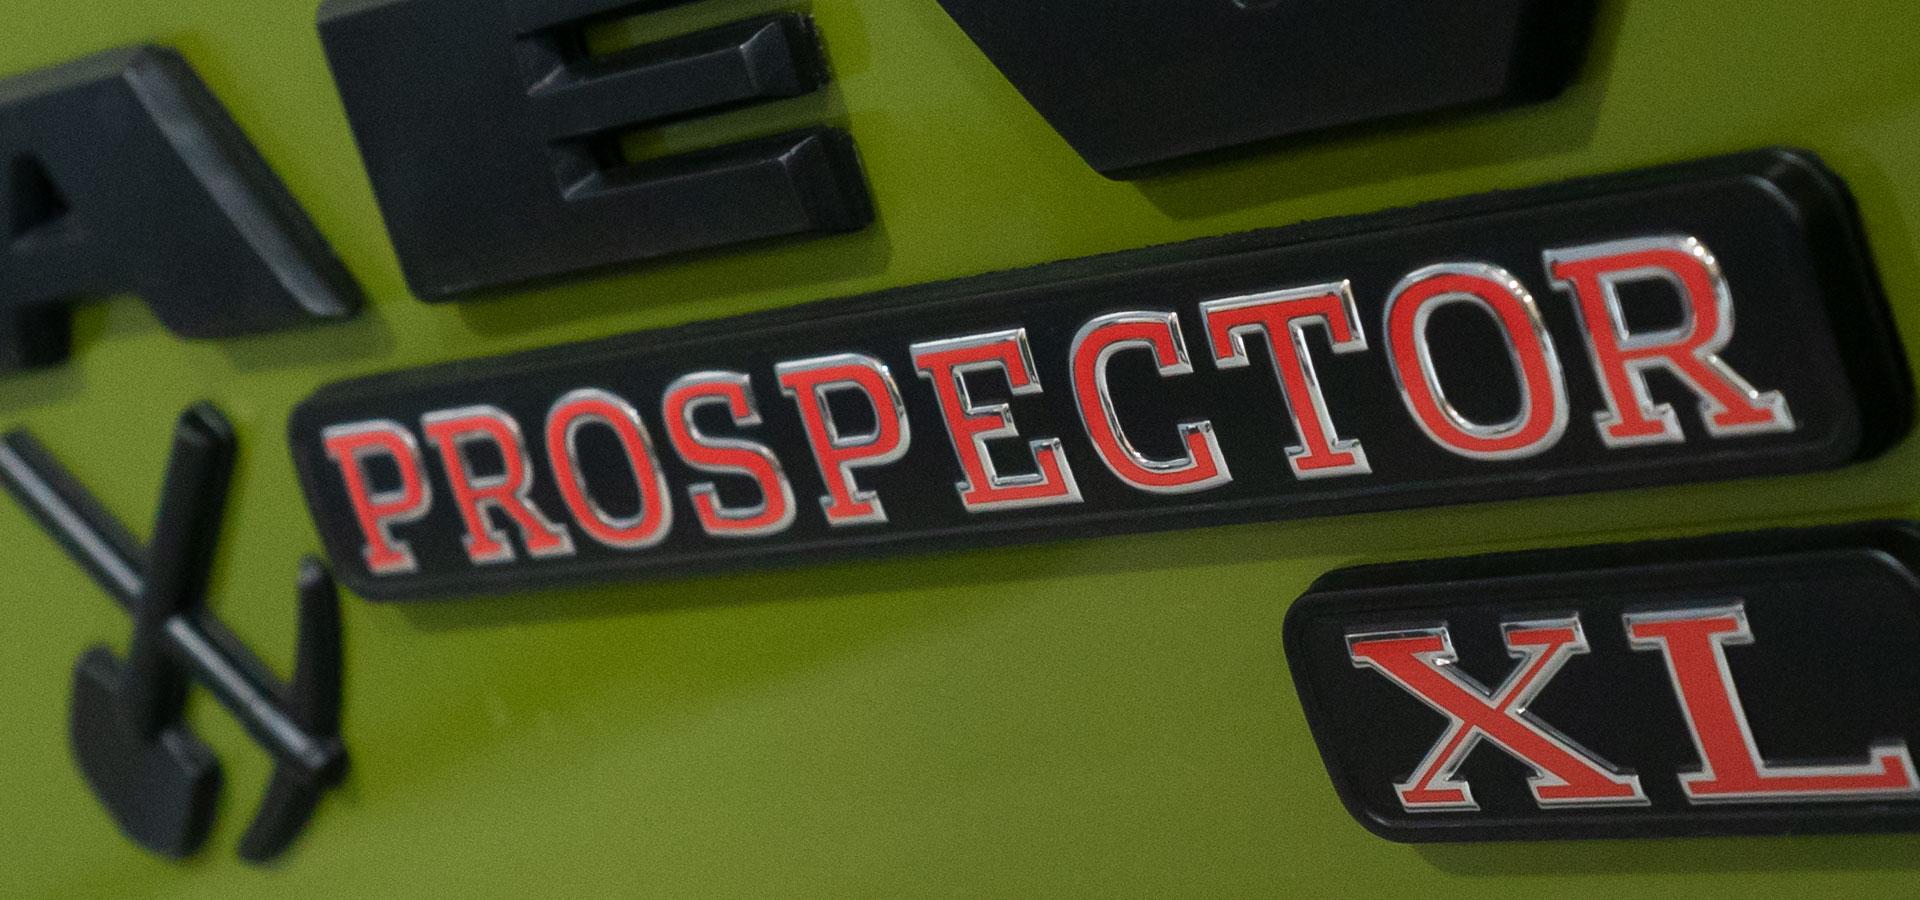 Prospector XL 5